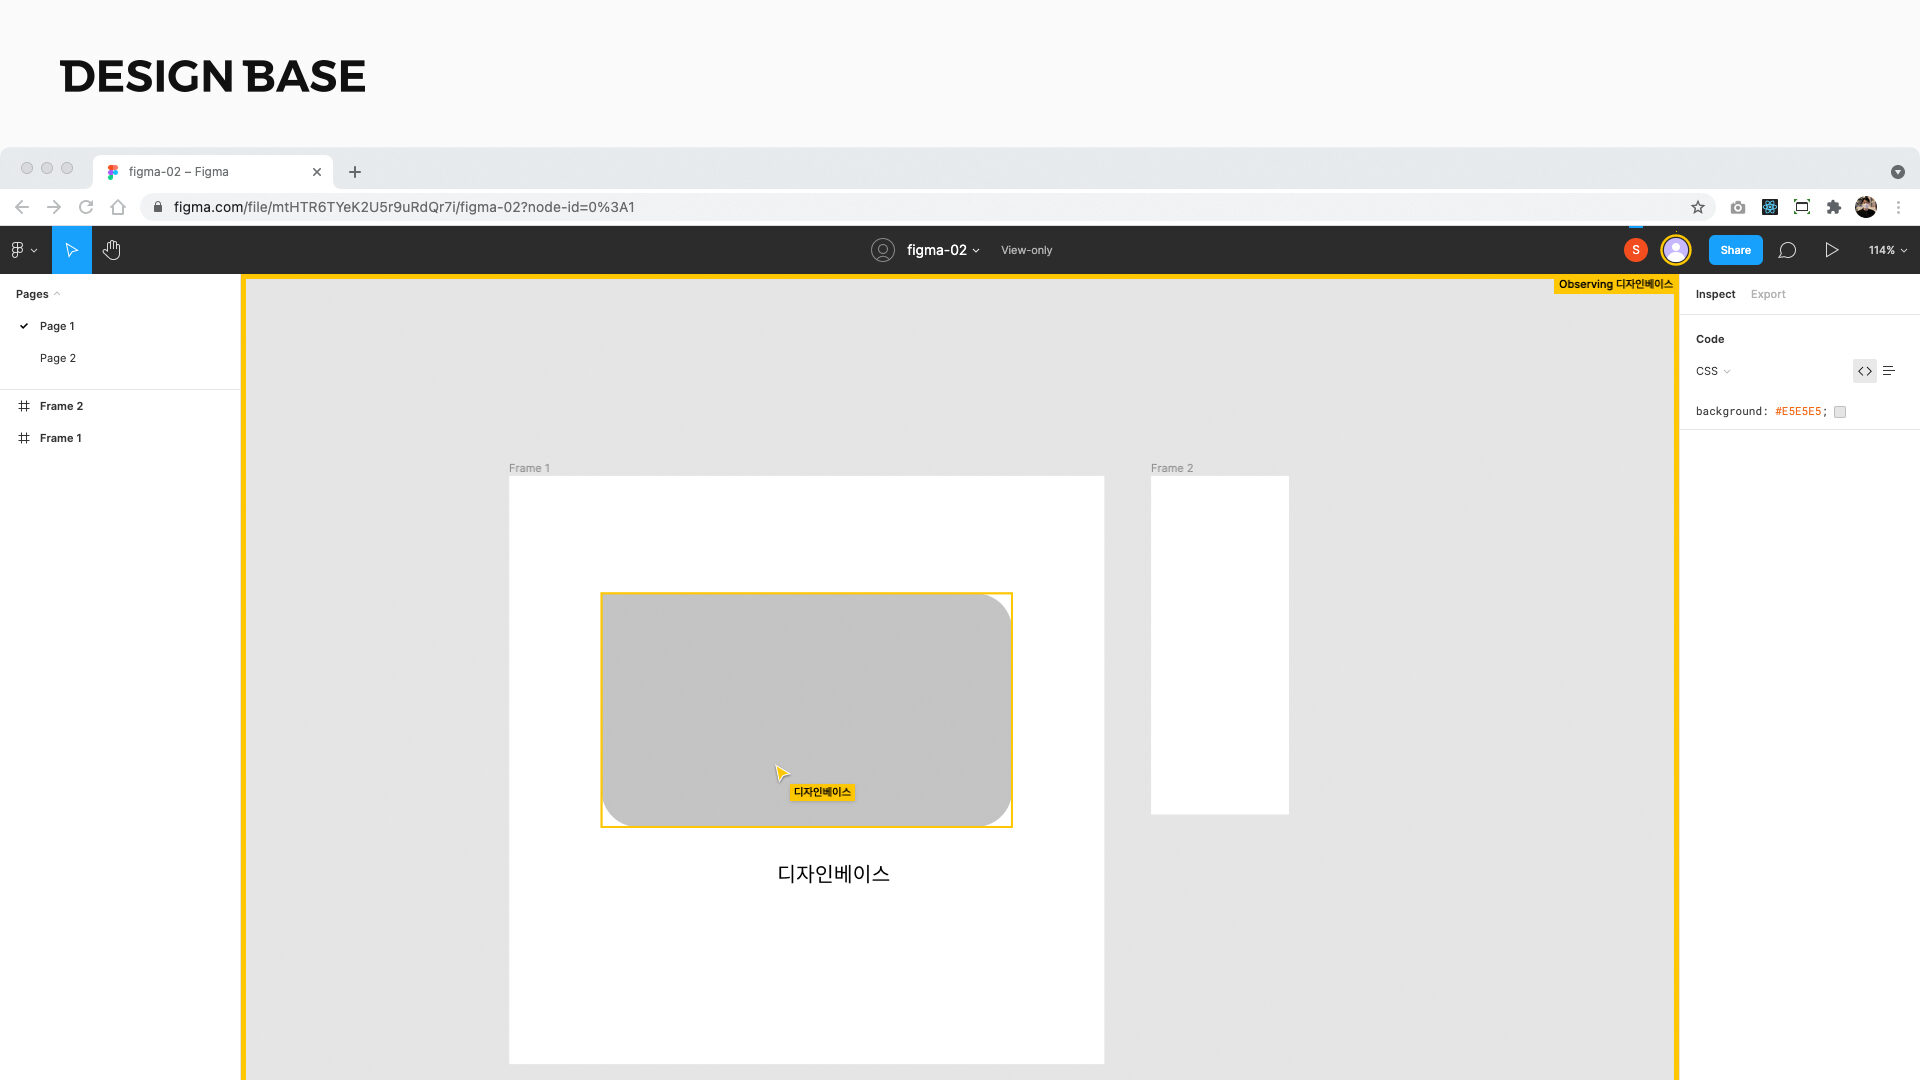 피그마 한 화면 안에서 실시간 공동 작업 기능중 특정 유저 프로필을 선택해서 유저의 작업화면을 보고 있는 예시 이미지입니다.